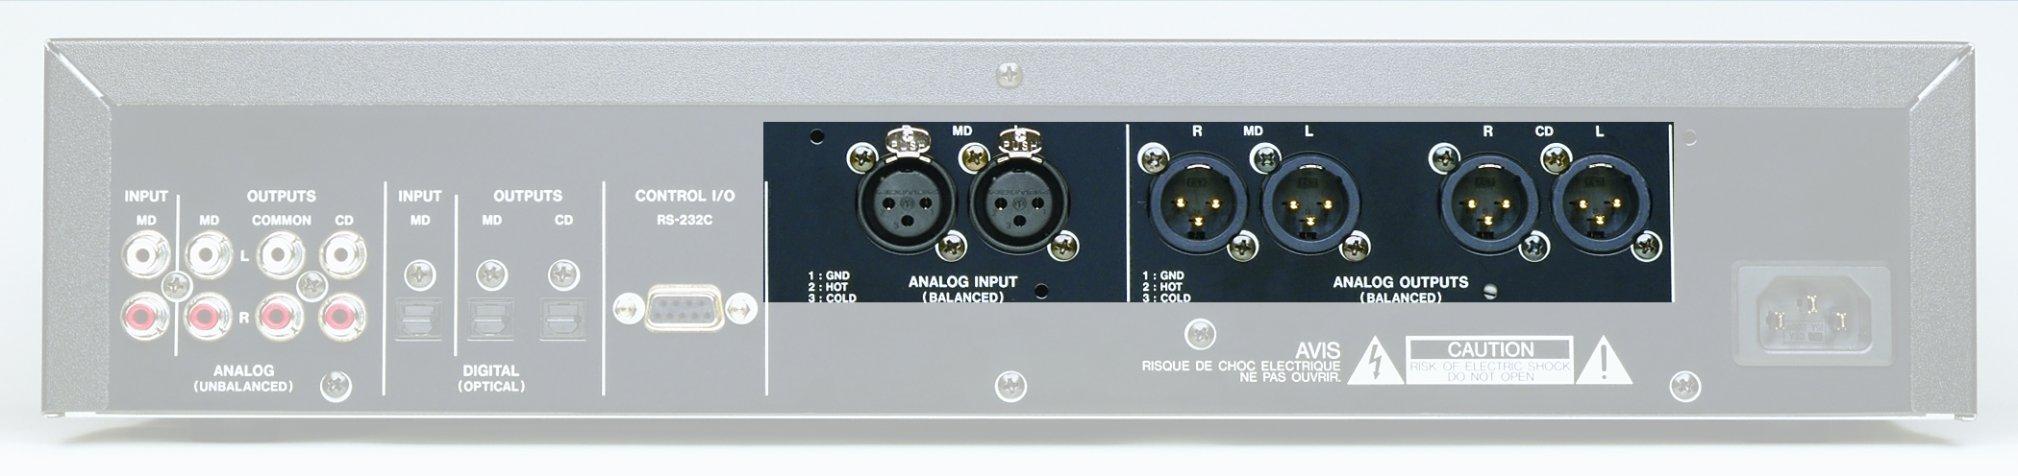 Tascam LAMC1 Balanced Audio Option for MDCD1